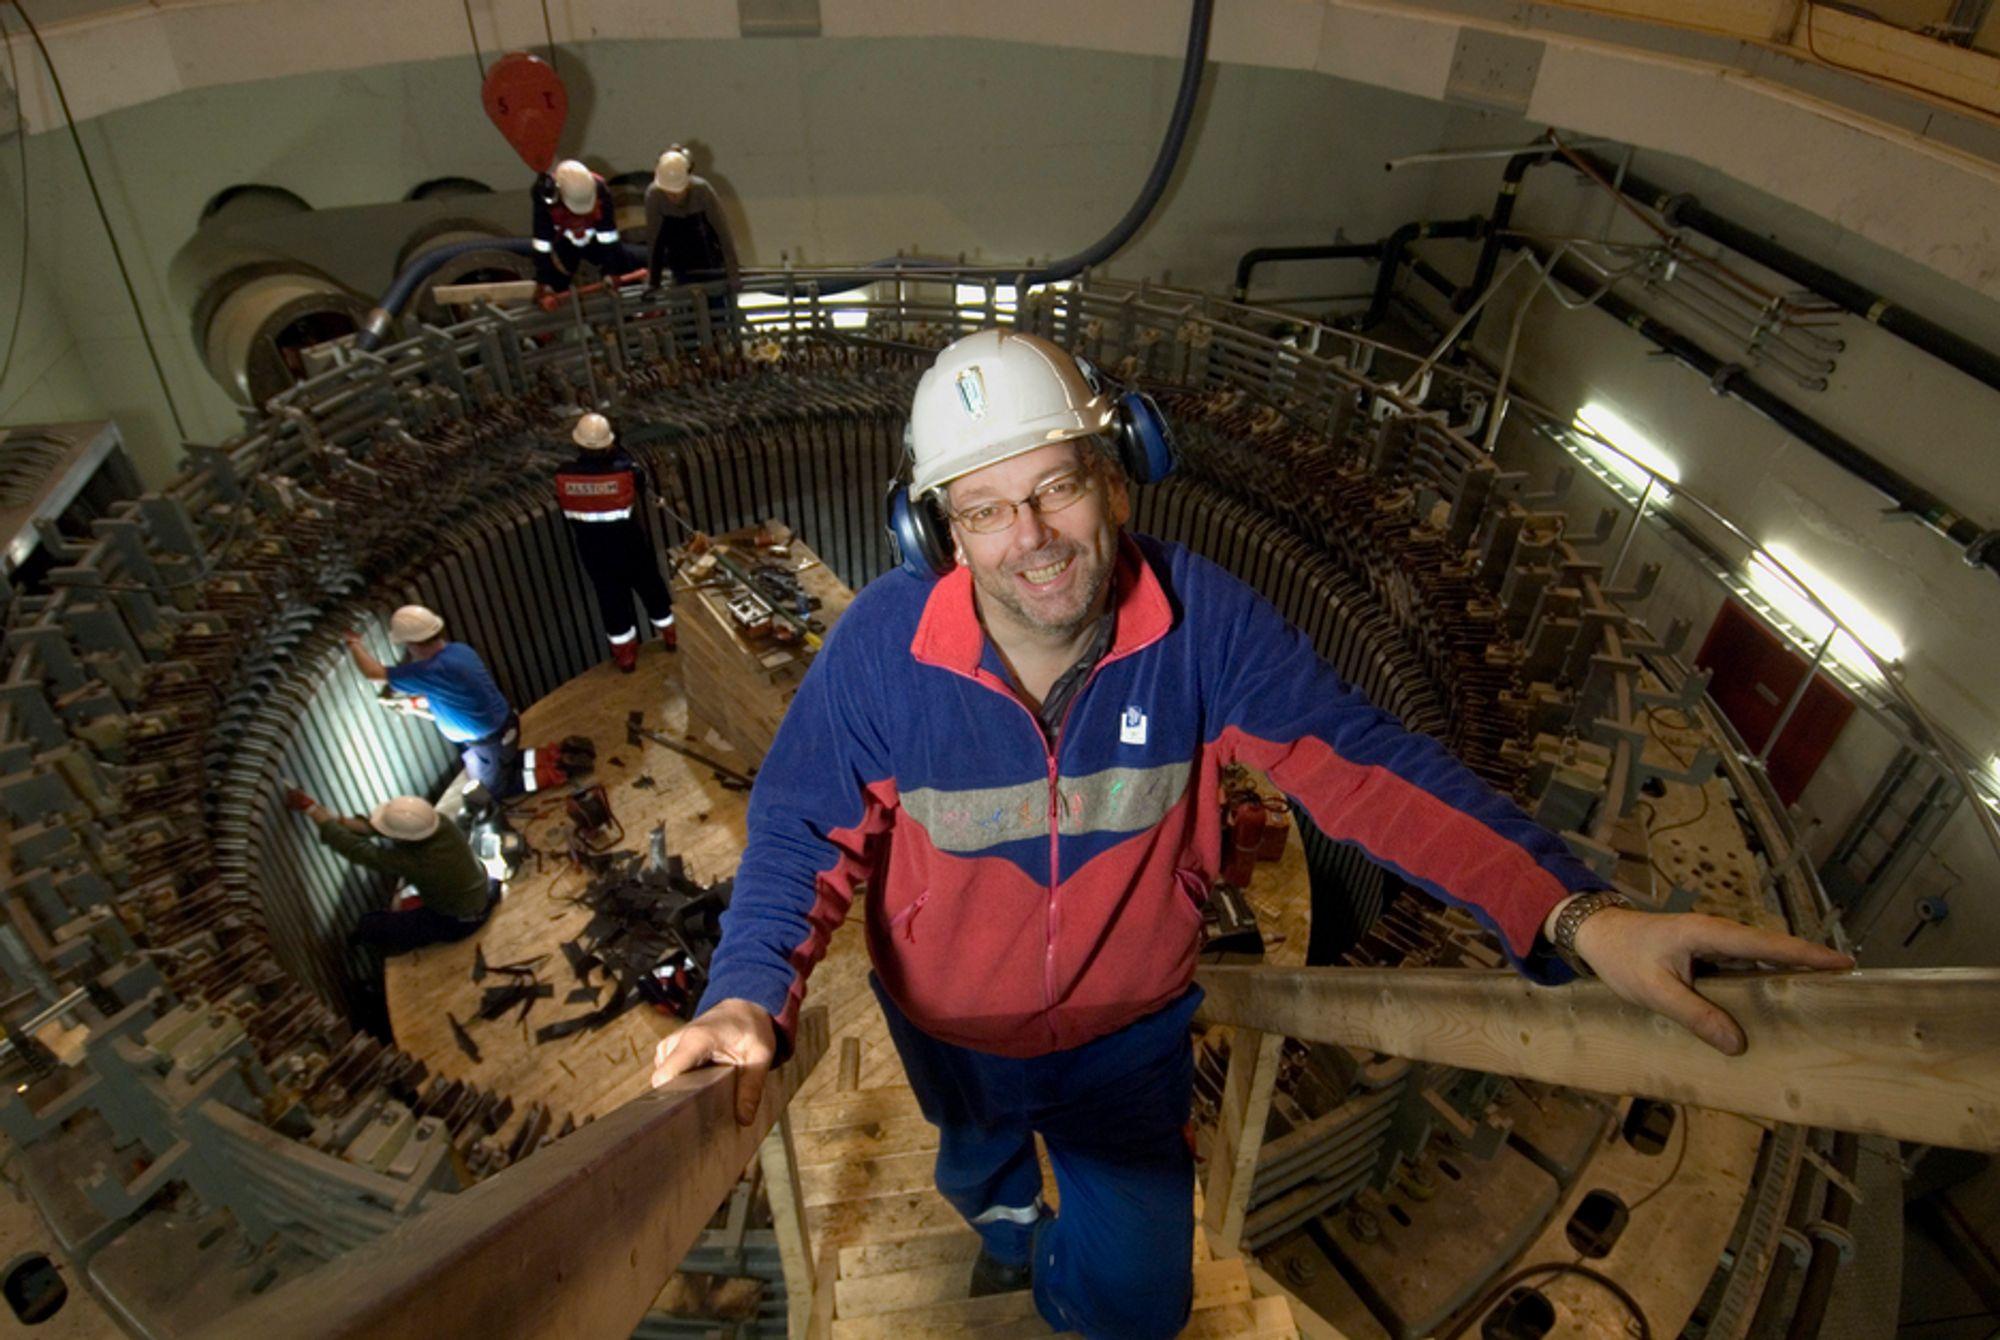 NY DRIFT: Kraftverksjef Karl Svein Thorrud håper at generatoren skal være klar for ny drift i slutten av mars. I bakgrunnen demonteres viklingene for å kunne skifte ut transformatorblikk.FOTO: KNUT STRØM